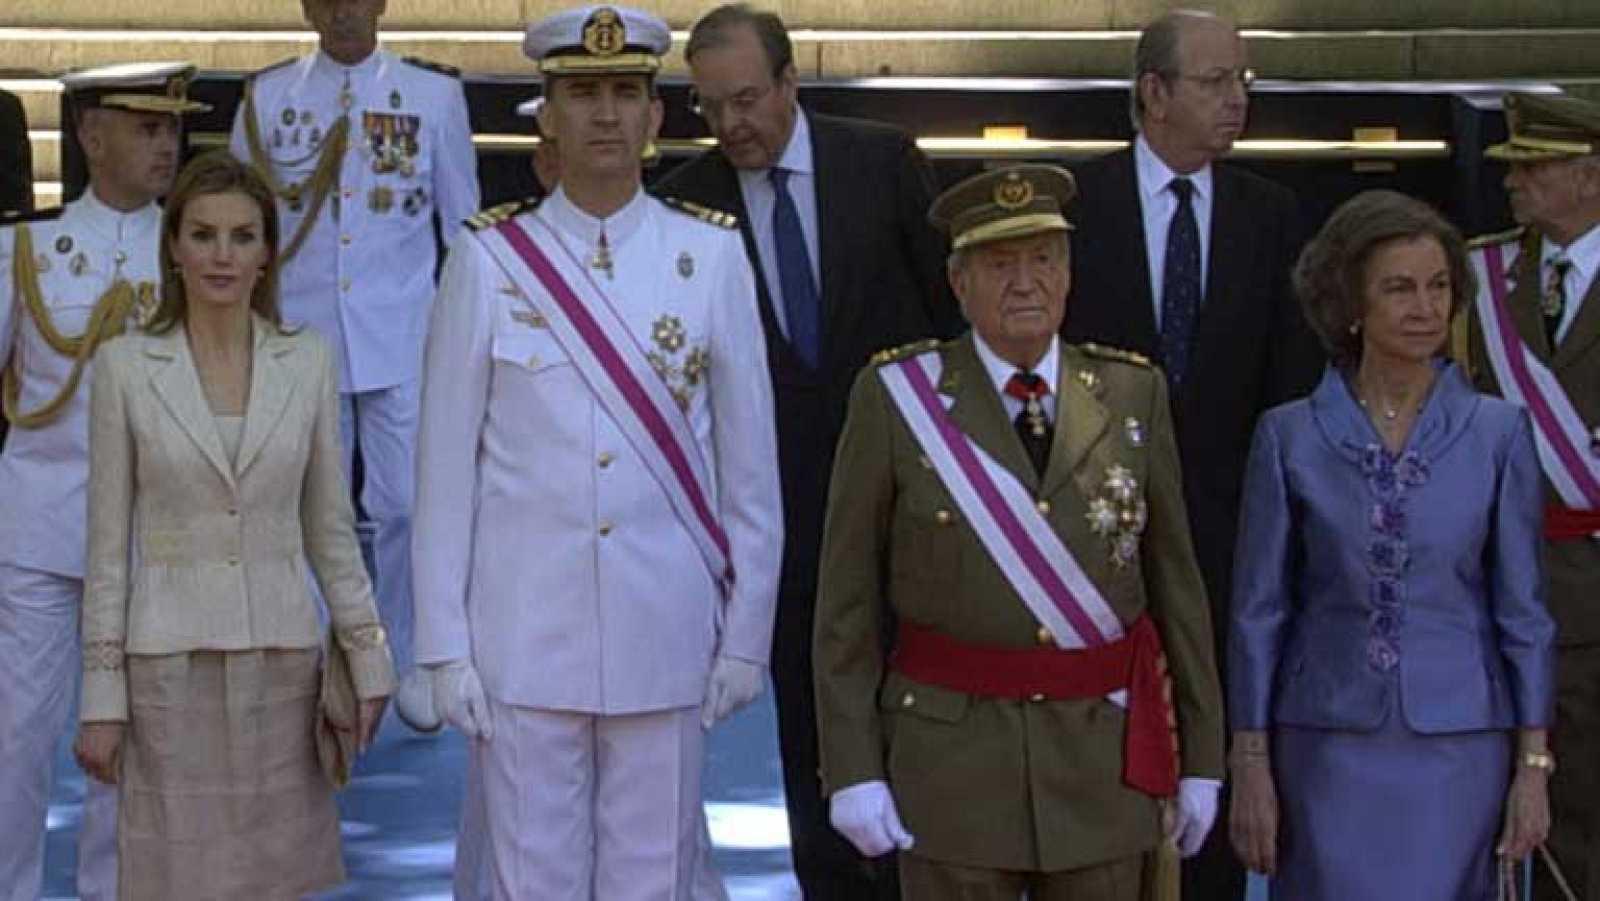 Último desfile del rey Juan Carlos como jefe supremo de las fuerzas Armadas